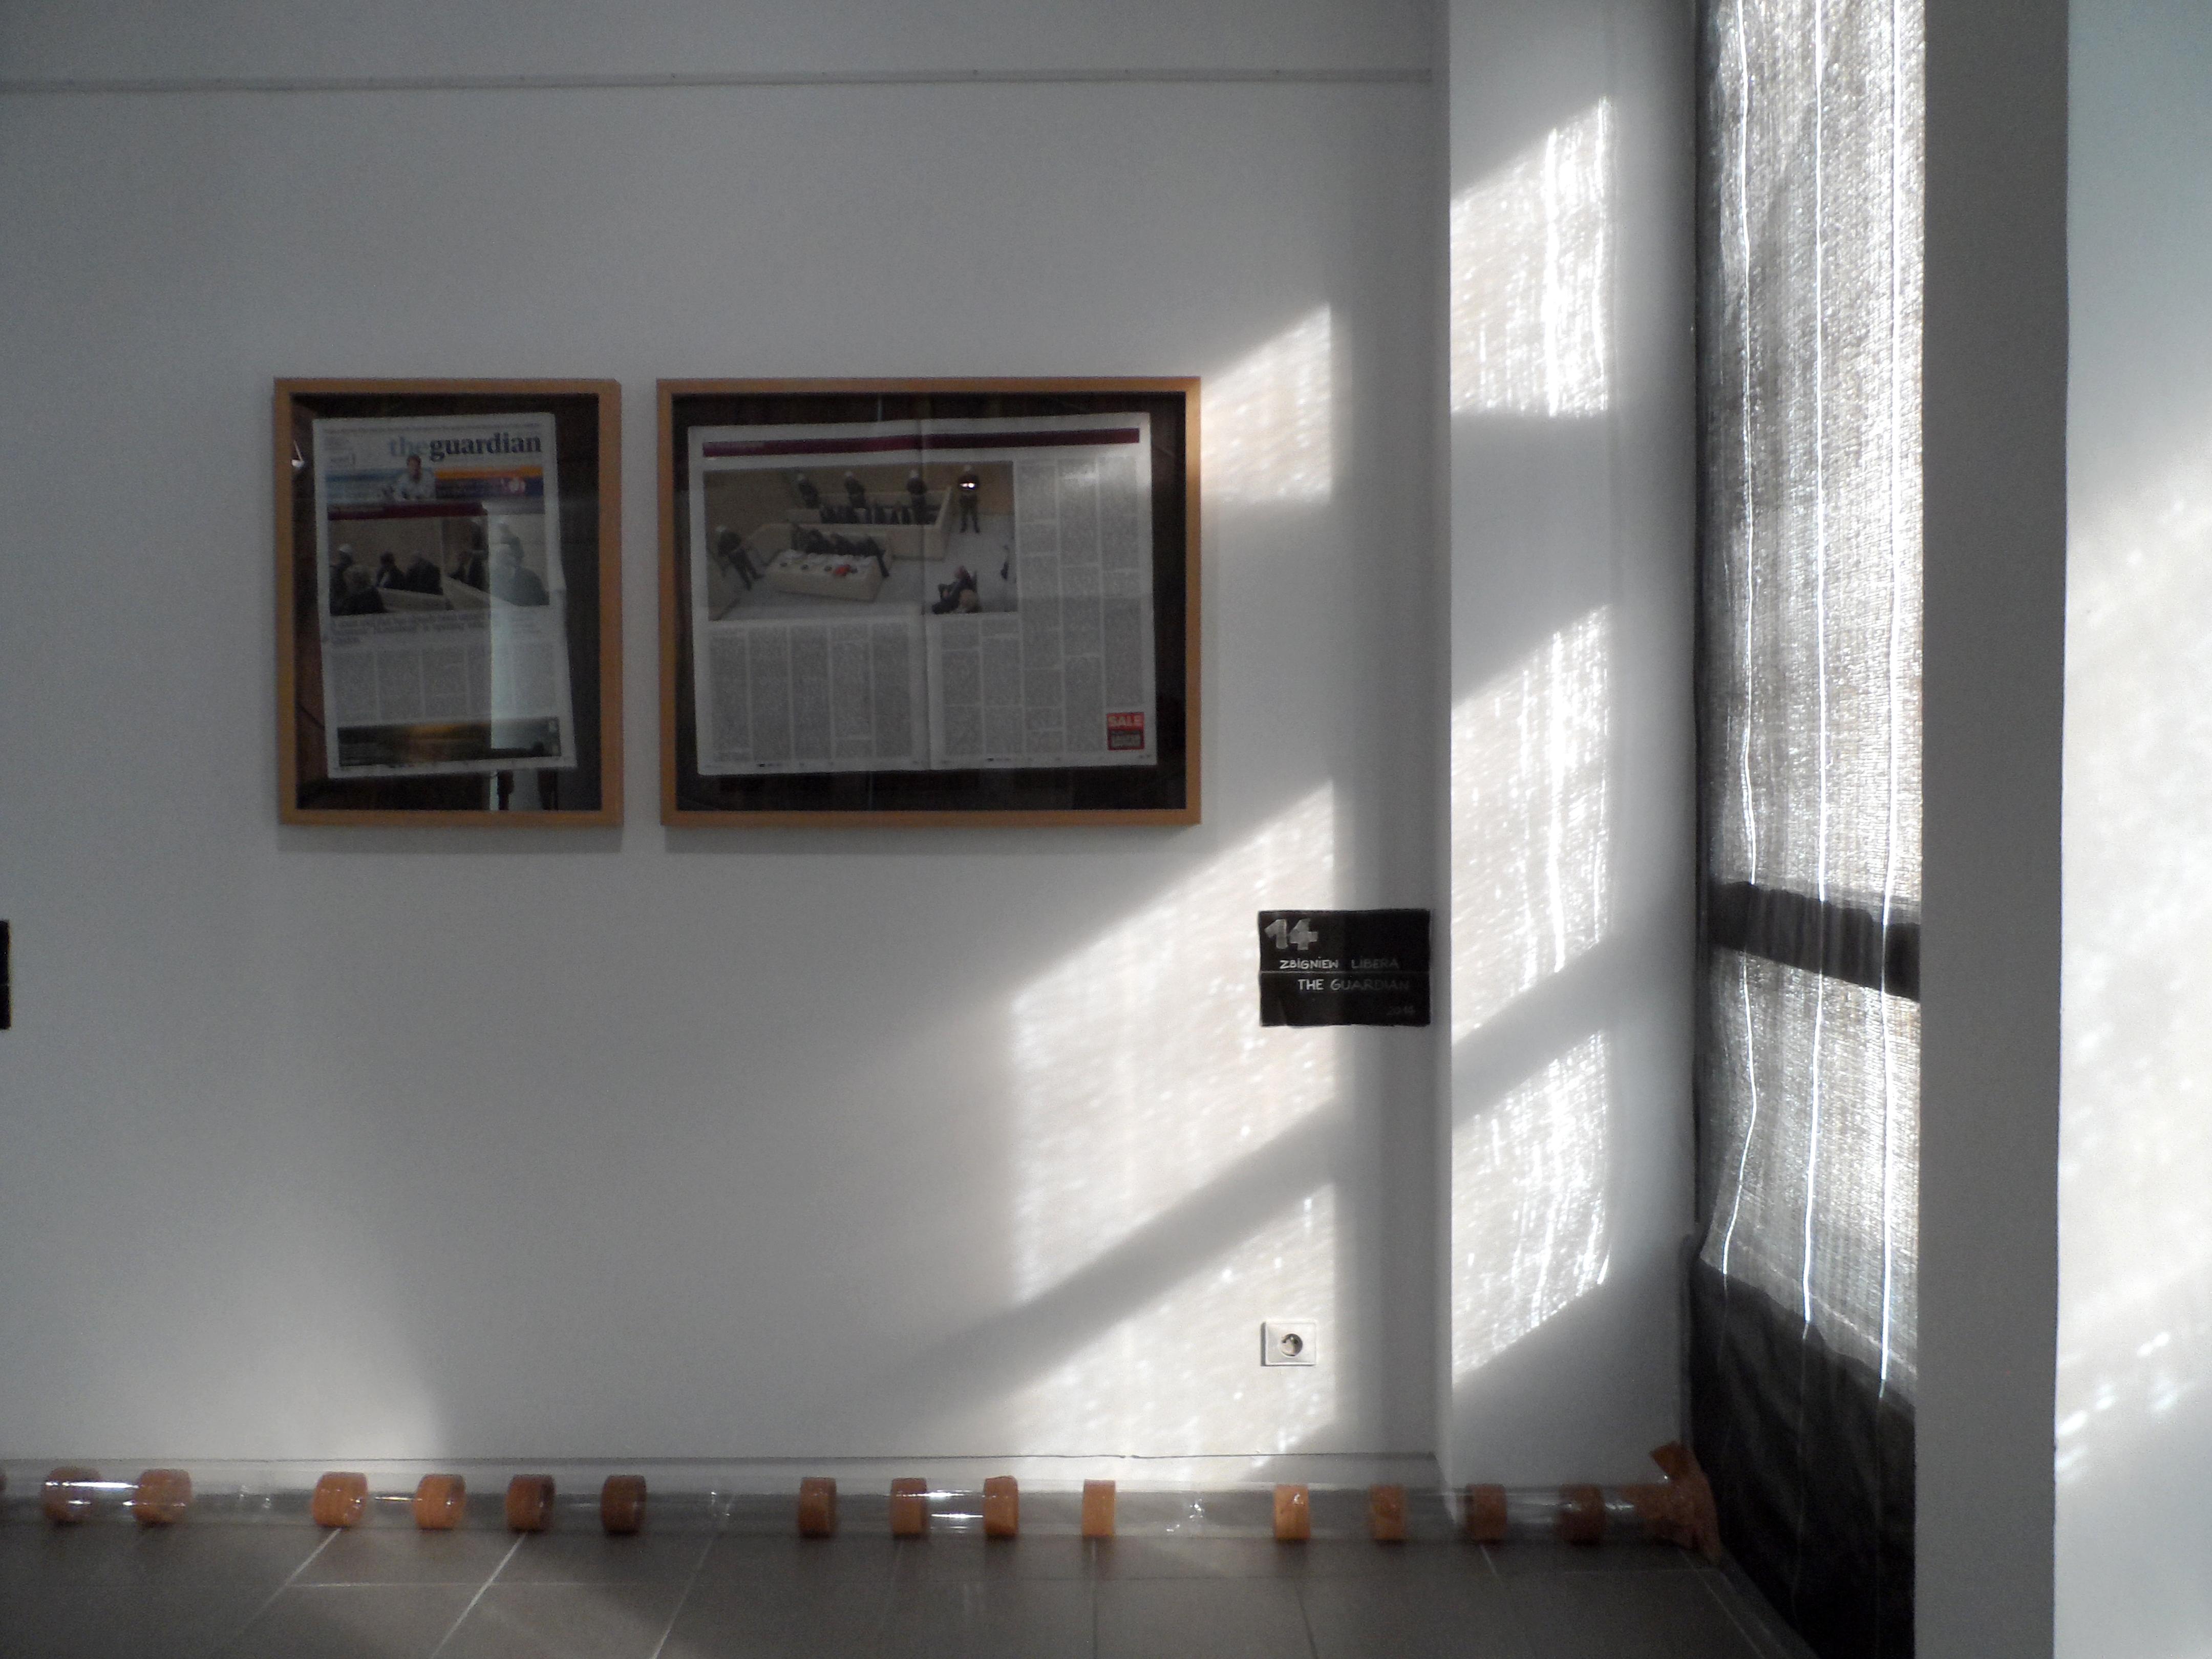 Zbigniew Libera, The Guardian, tusz pigmentowy napapierze bawełnianym, 2014 / dzięki uprzejmości Galerii Raster wWarszawie